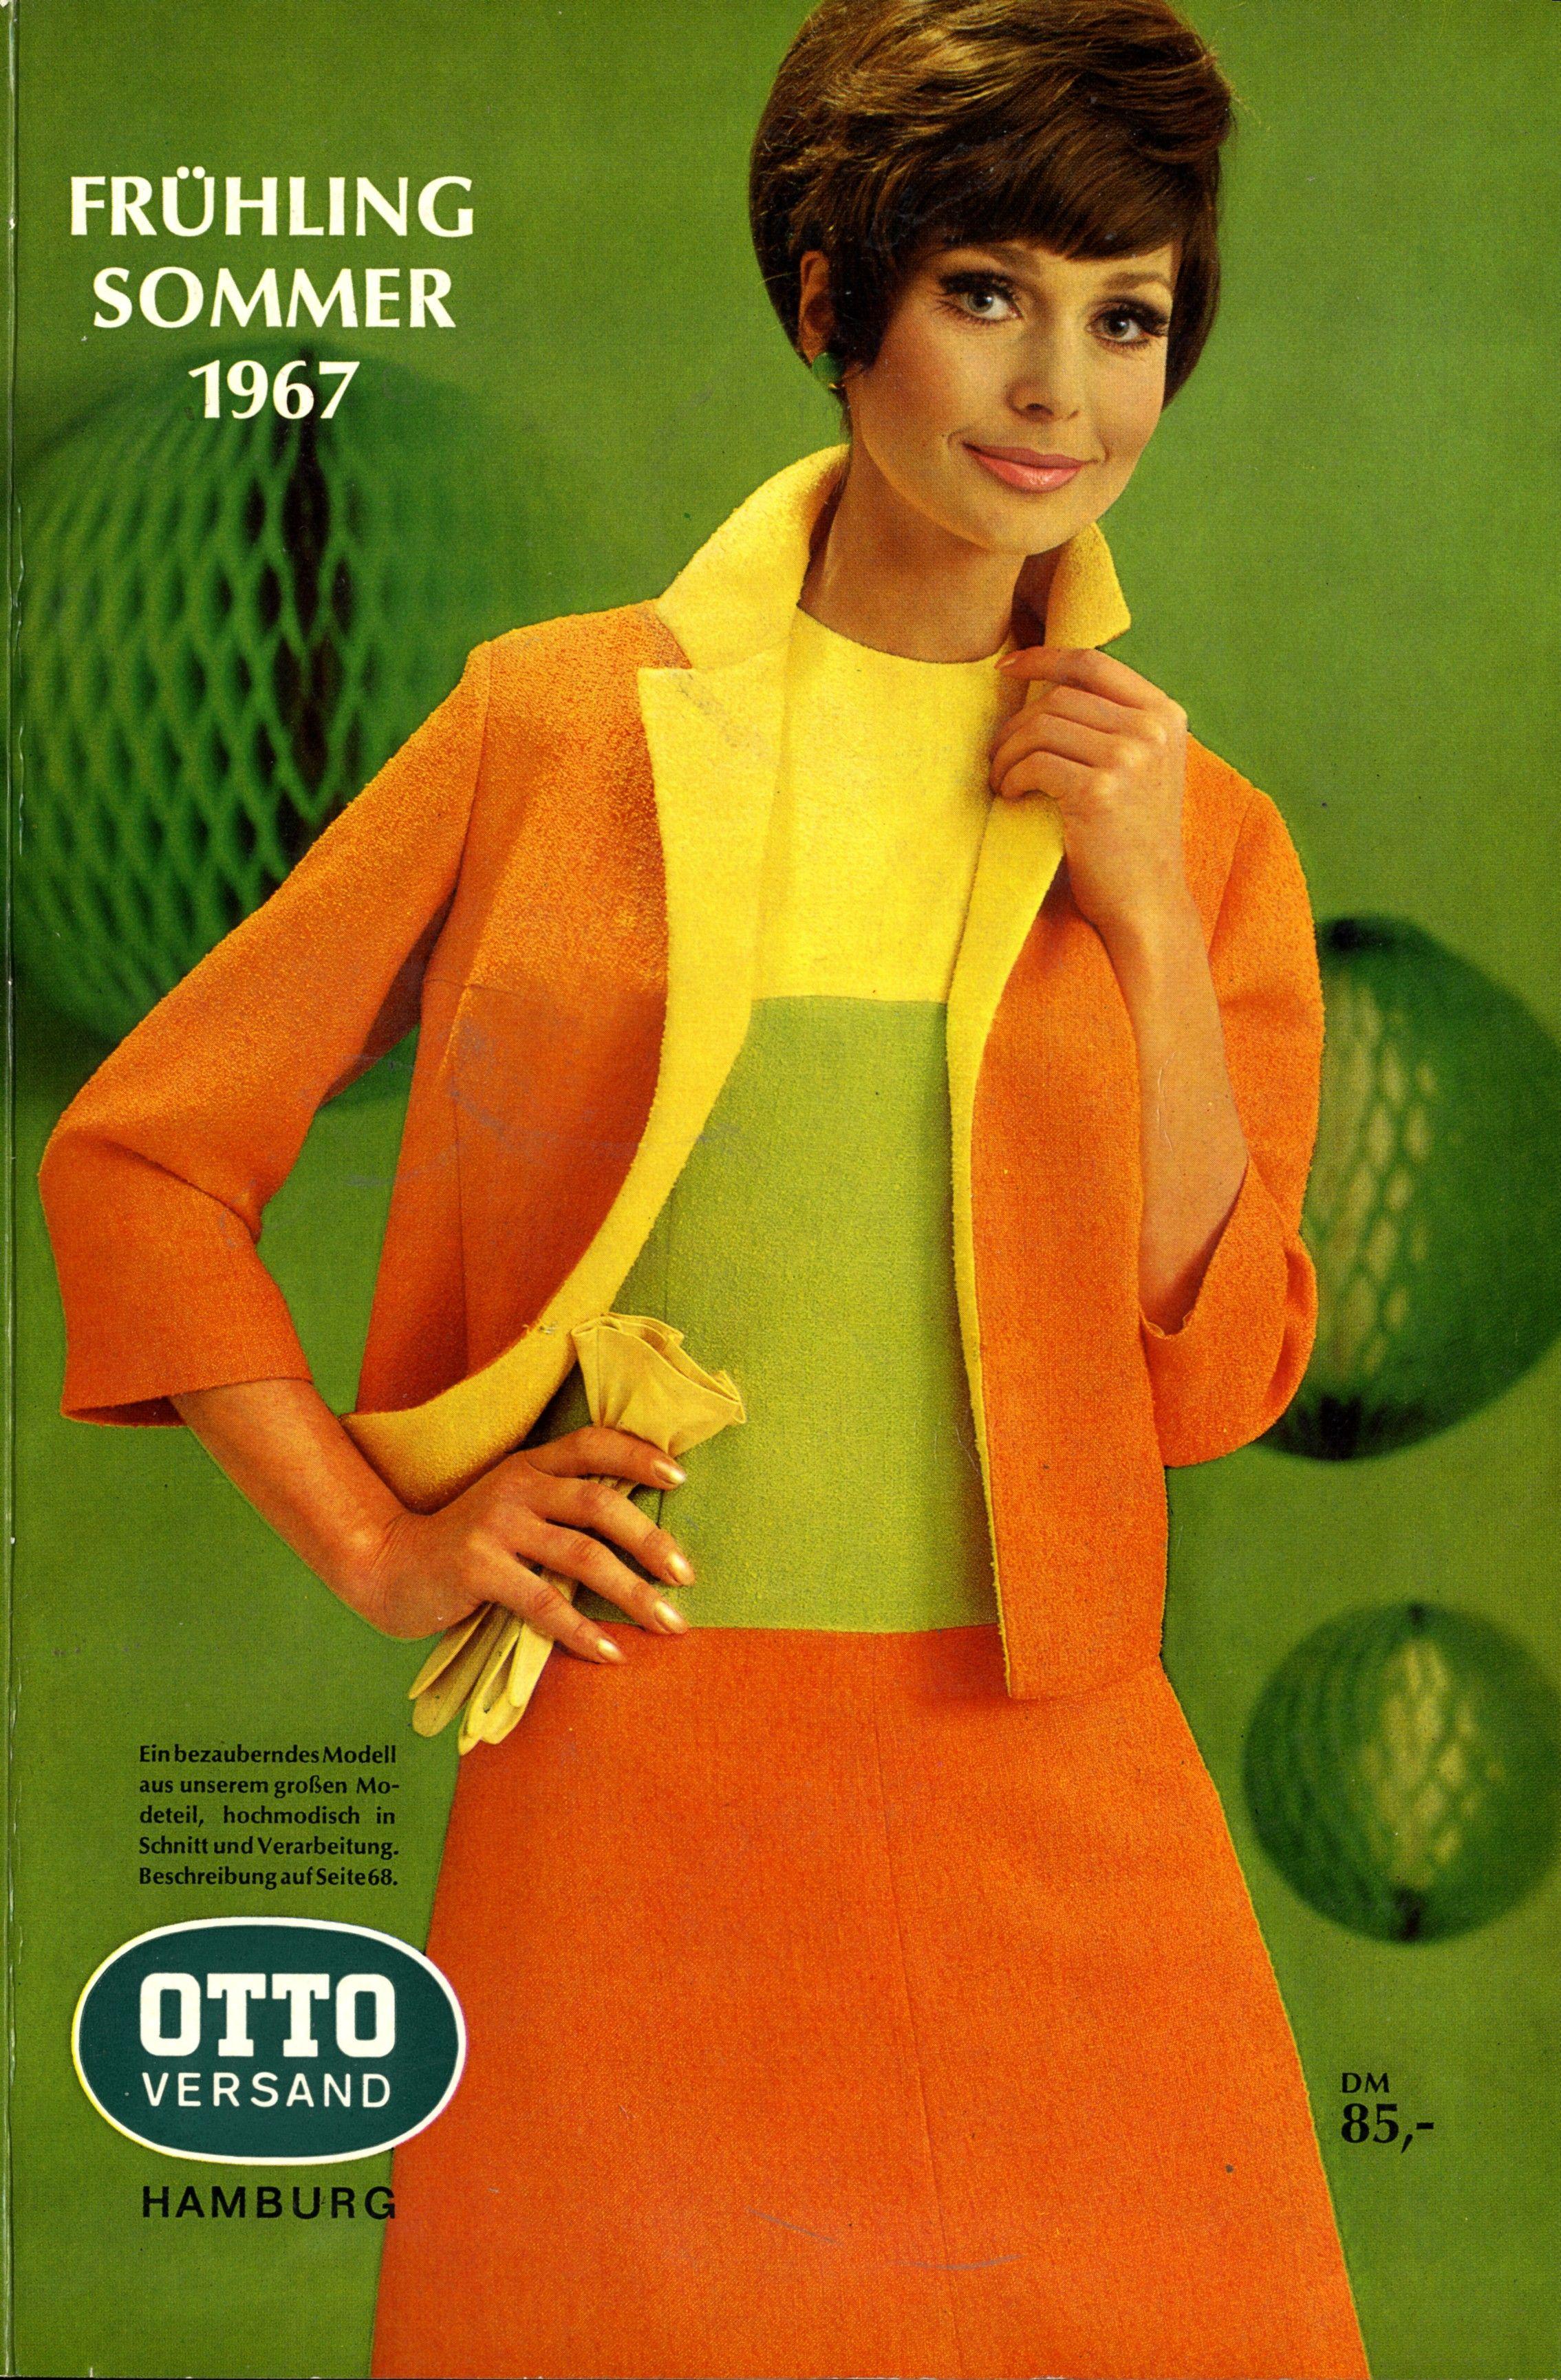 German Catalog Cover, Summer 1967 Modegeschichte, Mode